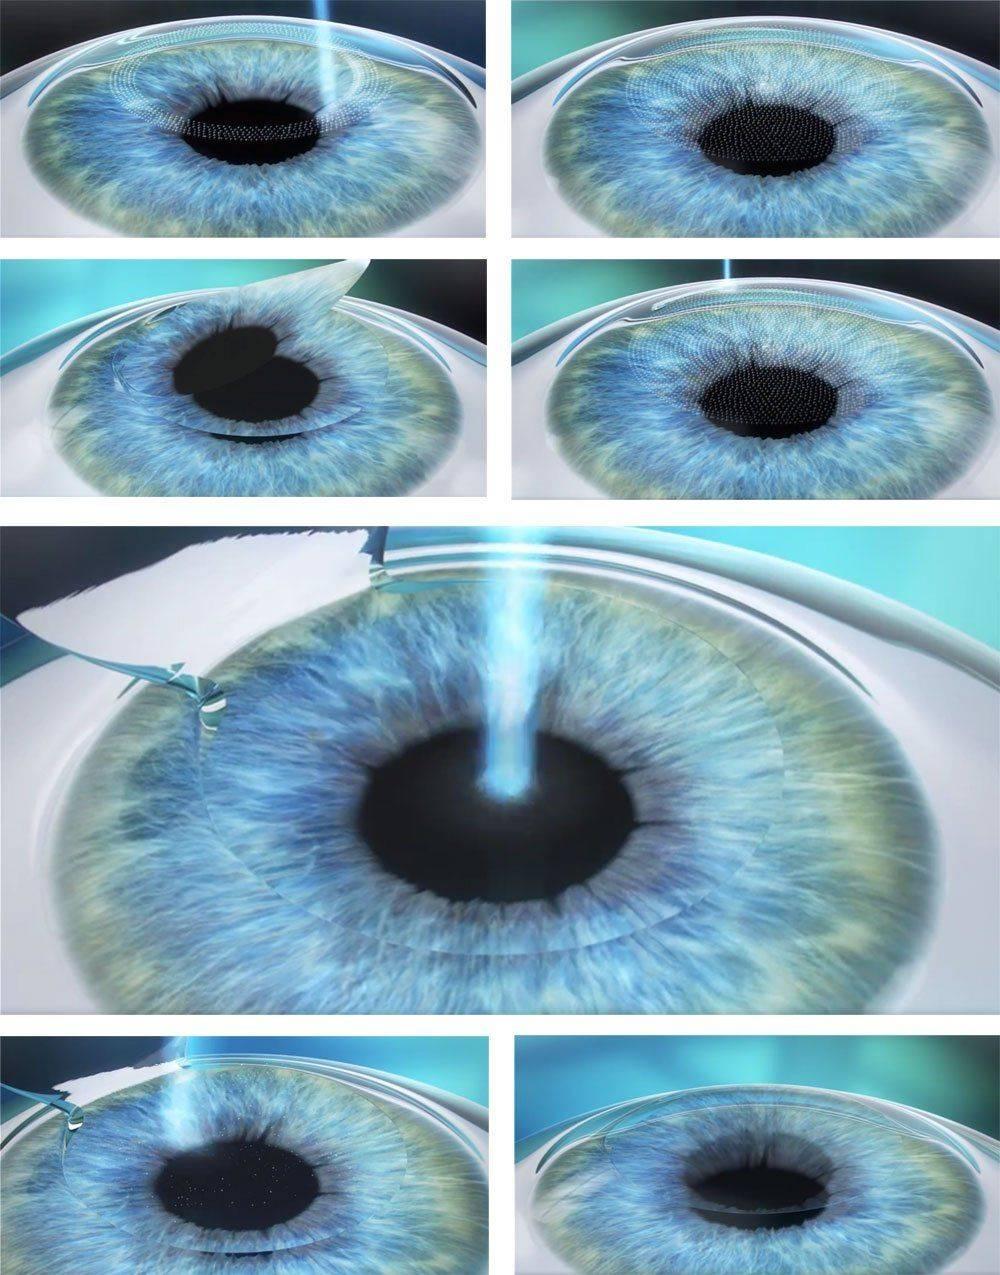 Ласик или эпи ласик: что лучше для коррекции зрения?